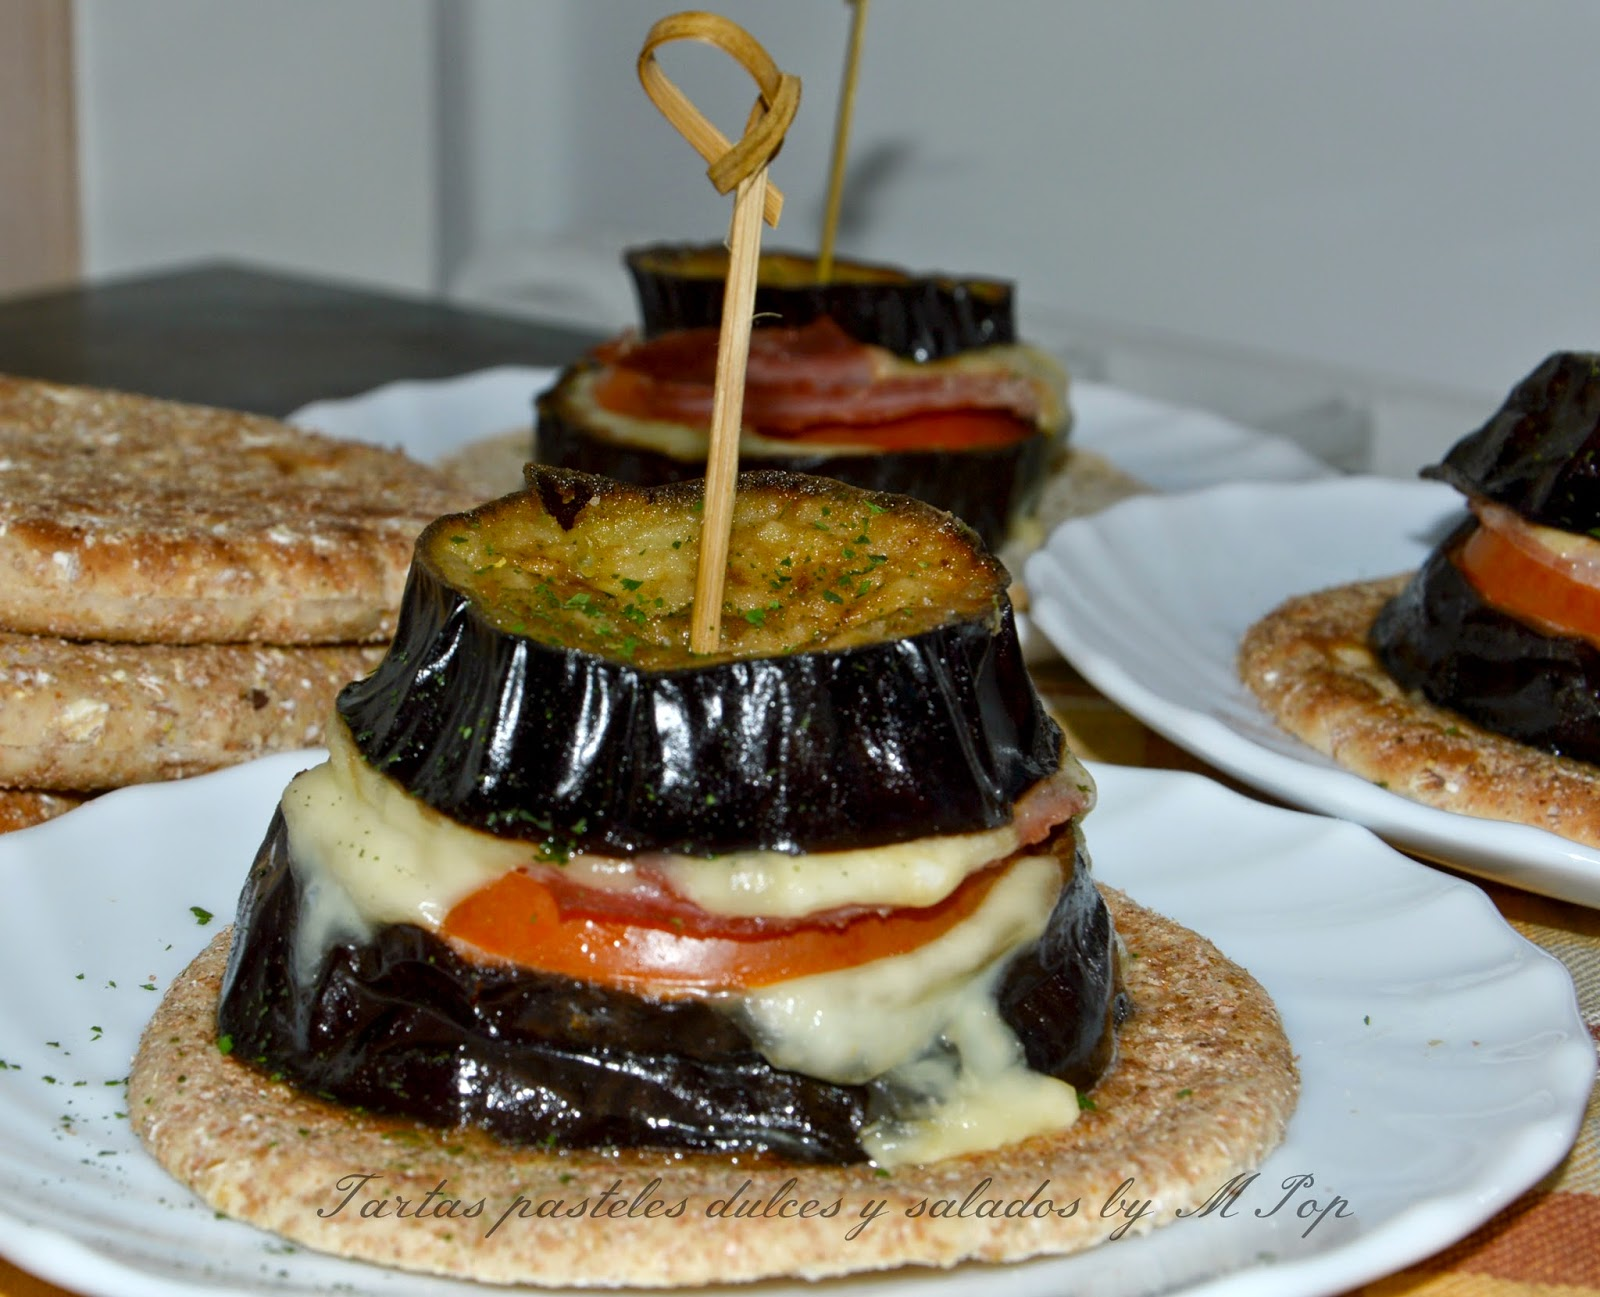 Tartas pasteles dulces y salados by mpop montaditos de - Berenjenas con mozzarella ...